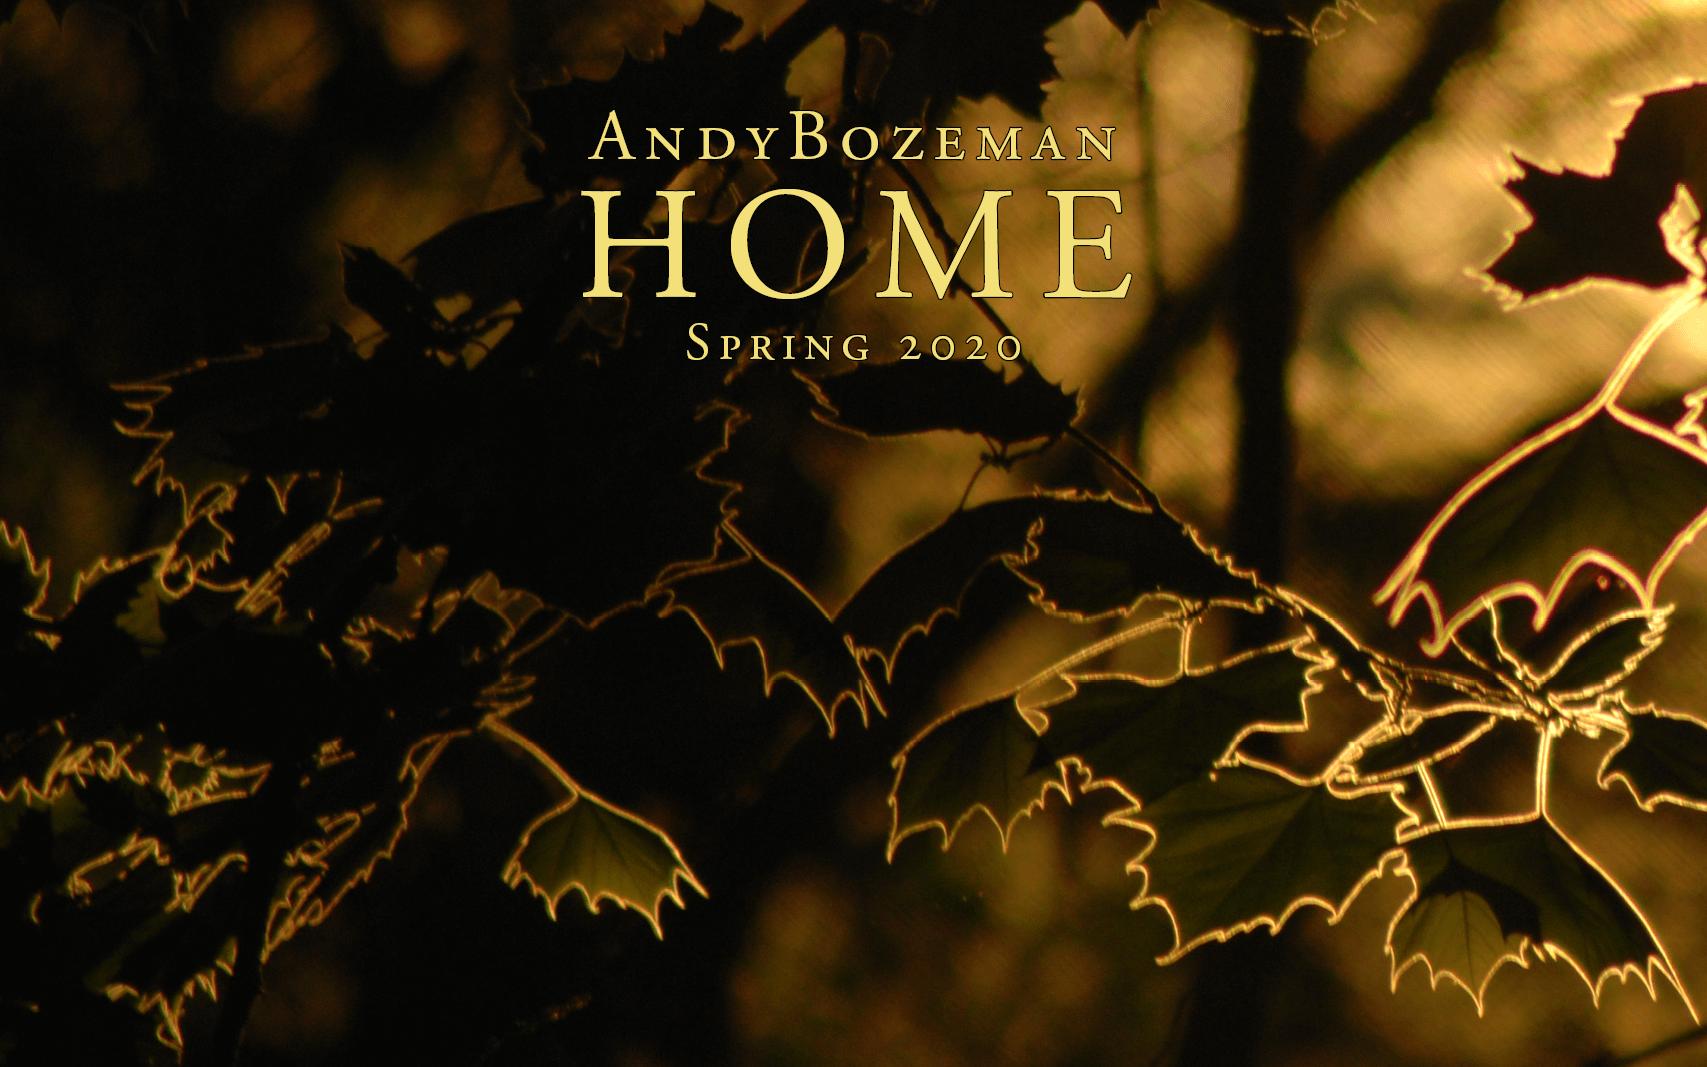 AB HOME e-zine Spring 2020